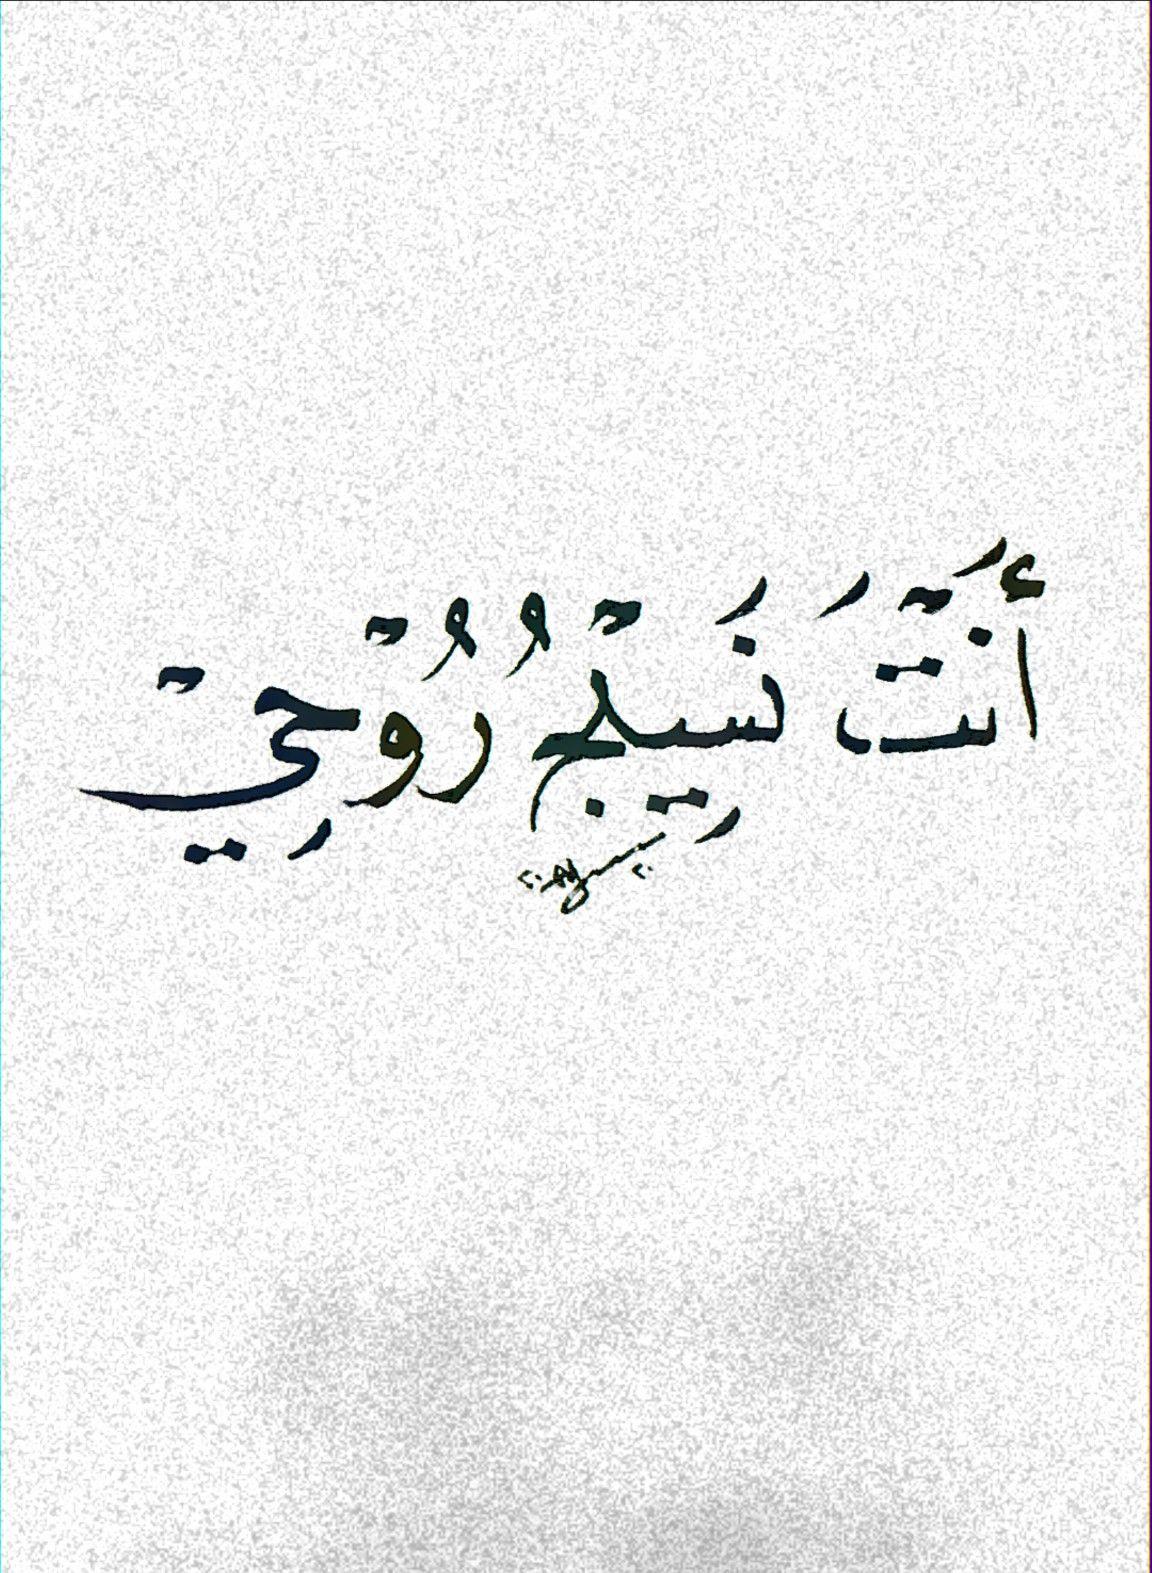 انت نسيج روحي Love Smile Quotes Islamic Art Calligraphy Real Life Quotes